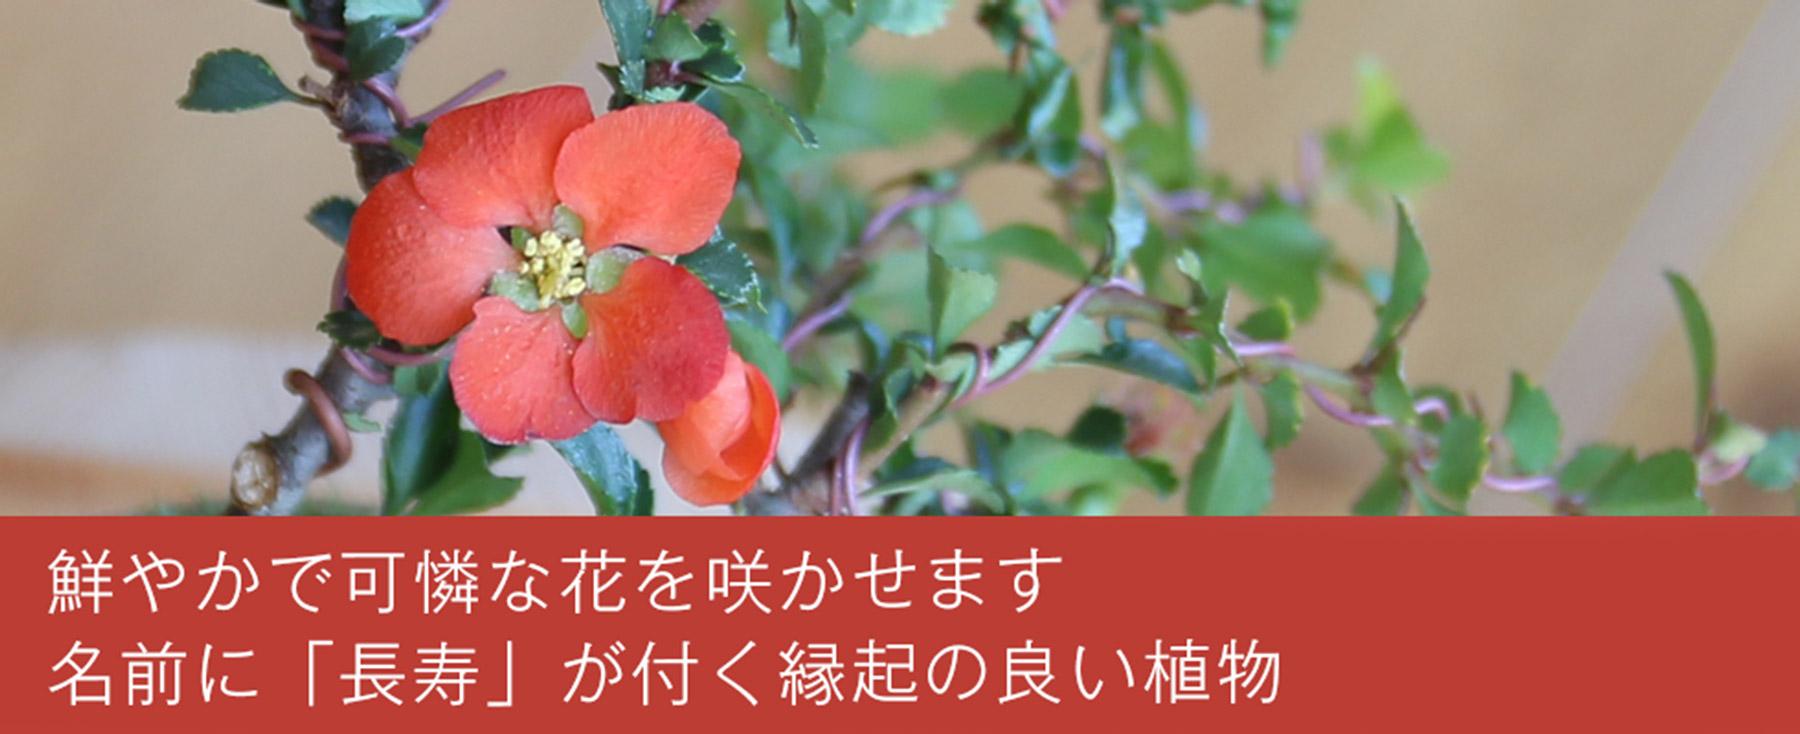 長寿梅の写真,鮮やかで可憐な花を咲かせます,名前に「長寿」が付く縁起のいい植物